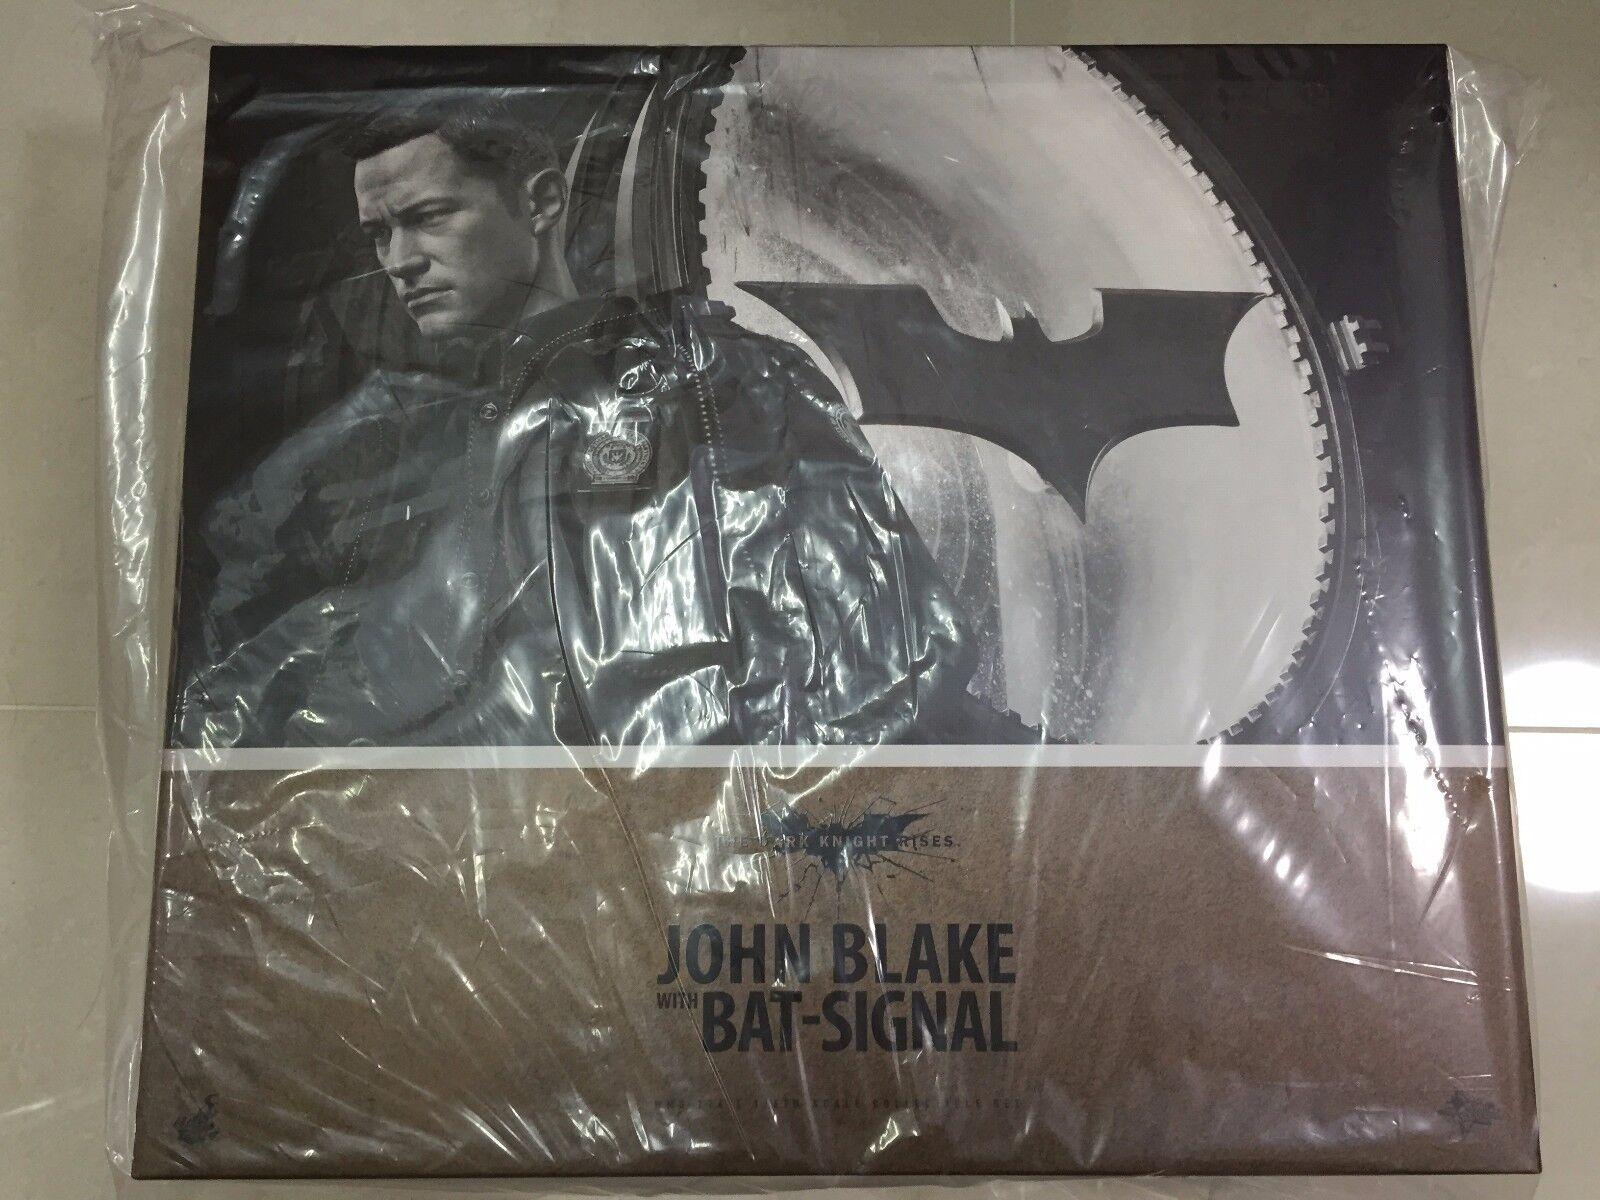 Caliente giocattoli MMS 274 The Dark Knight  Rises Batuomo John Blake Joseph Bat Signal nuovo  Negozio 2018